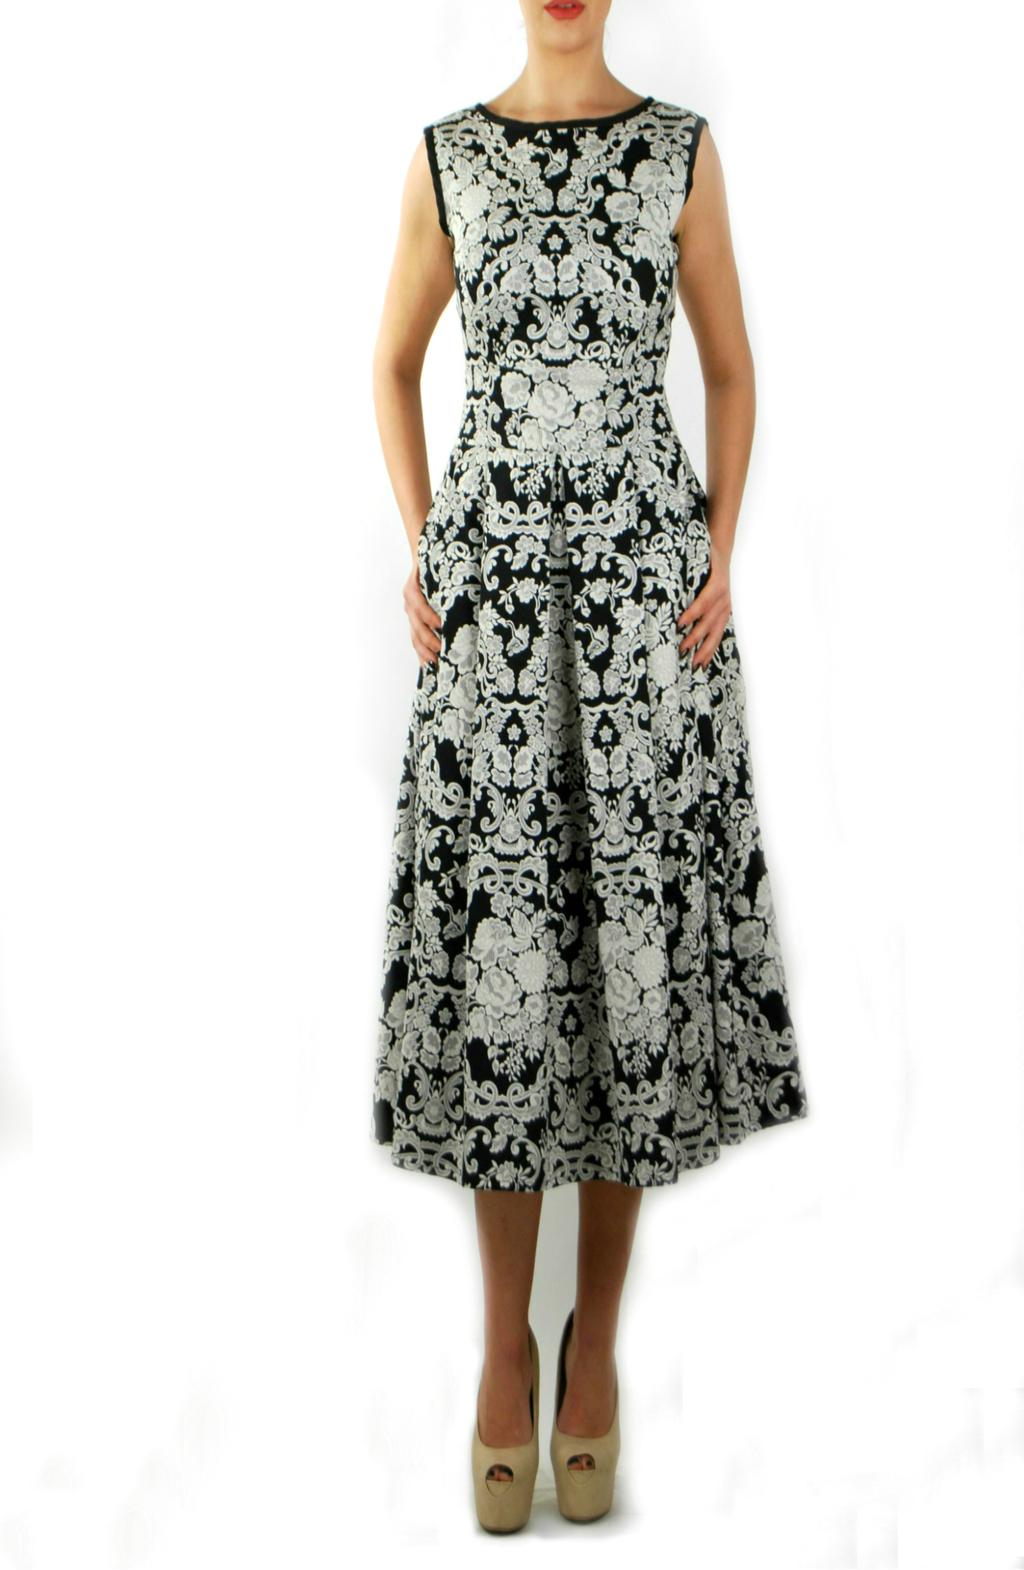 ΦΟΡΕΜΑ FLORENTINA MIDI της Open Rose.Χειροποίητα γυναικεία φορέματα. 8b10b294d52